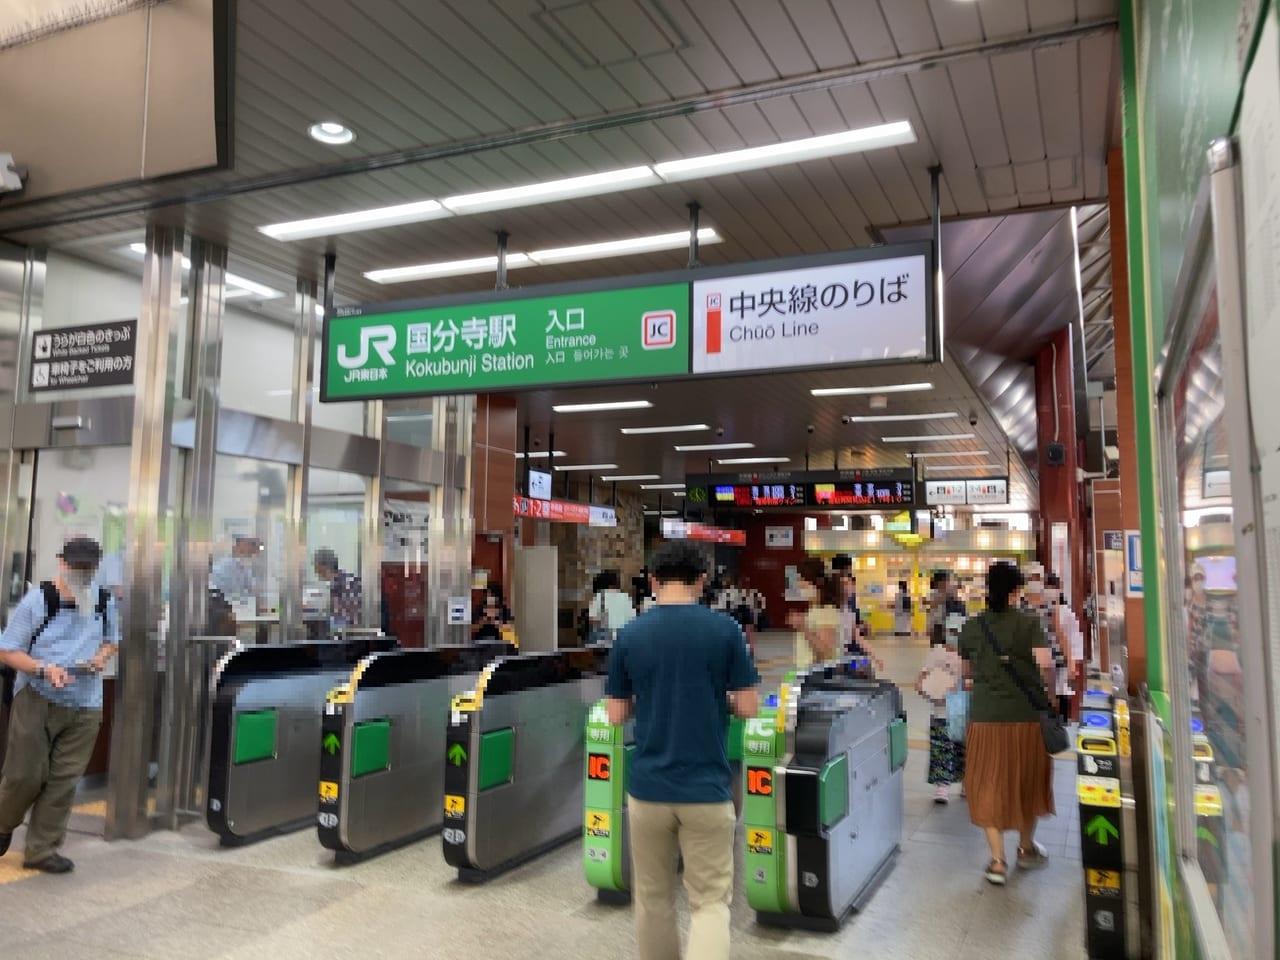 JR中央線快速電車は人身事故の影響で、11月16日午前6時10分頃から東京駅~高尾駅間で運転見合わせています。